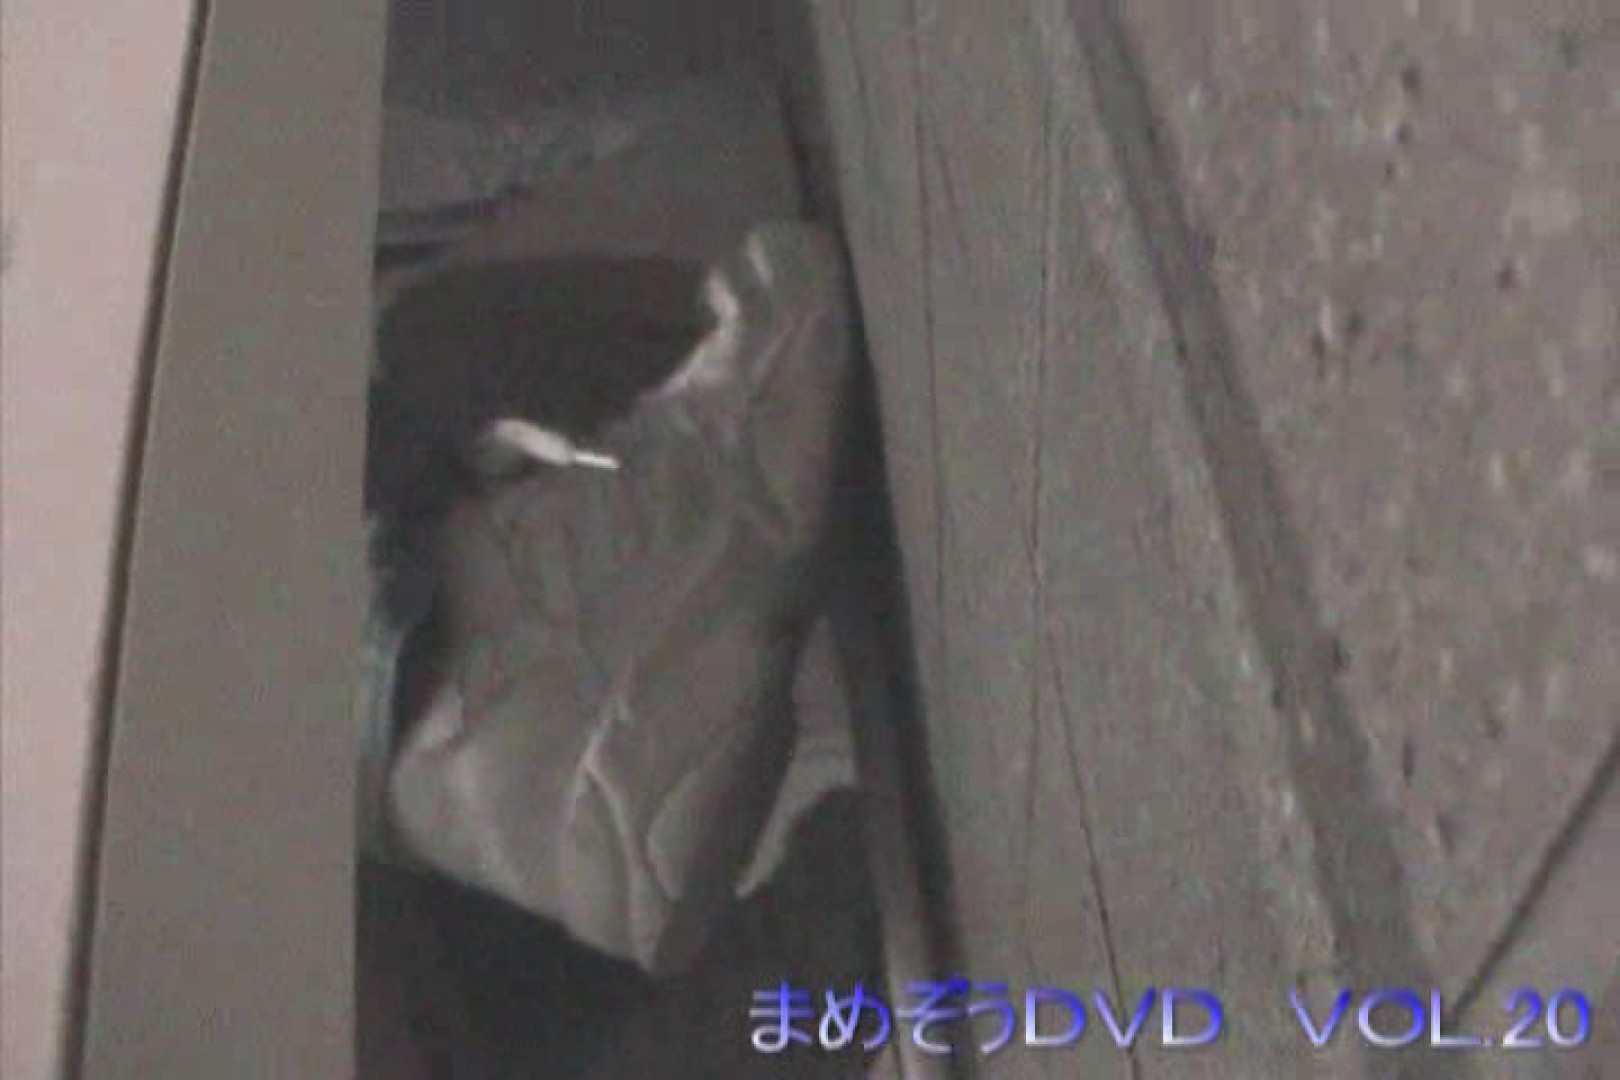 まめぞうDVD完全版VOL.20 OL女体   萌えギャル  77連発 73